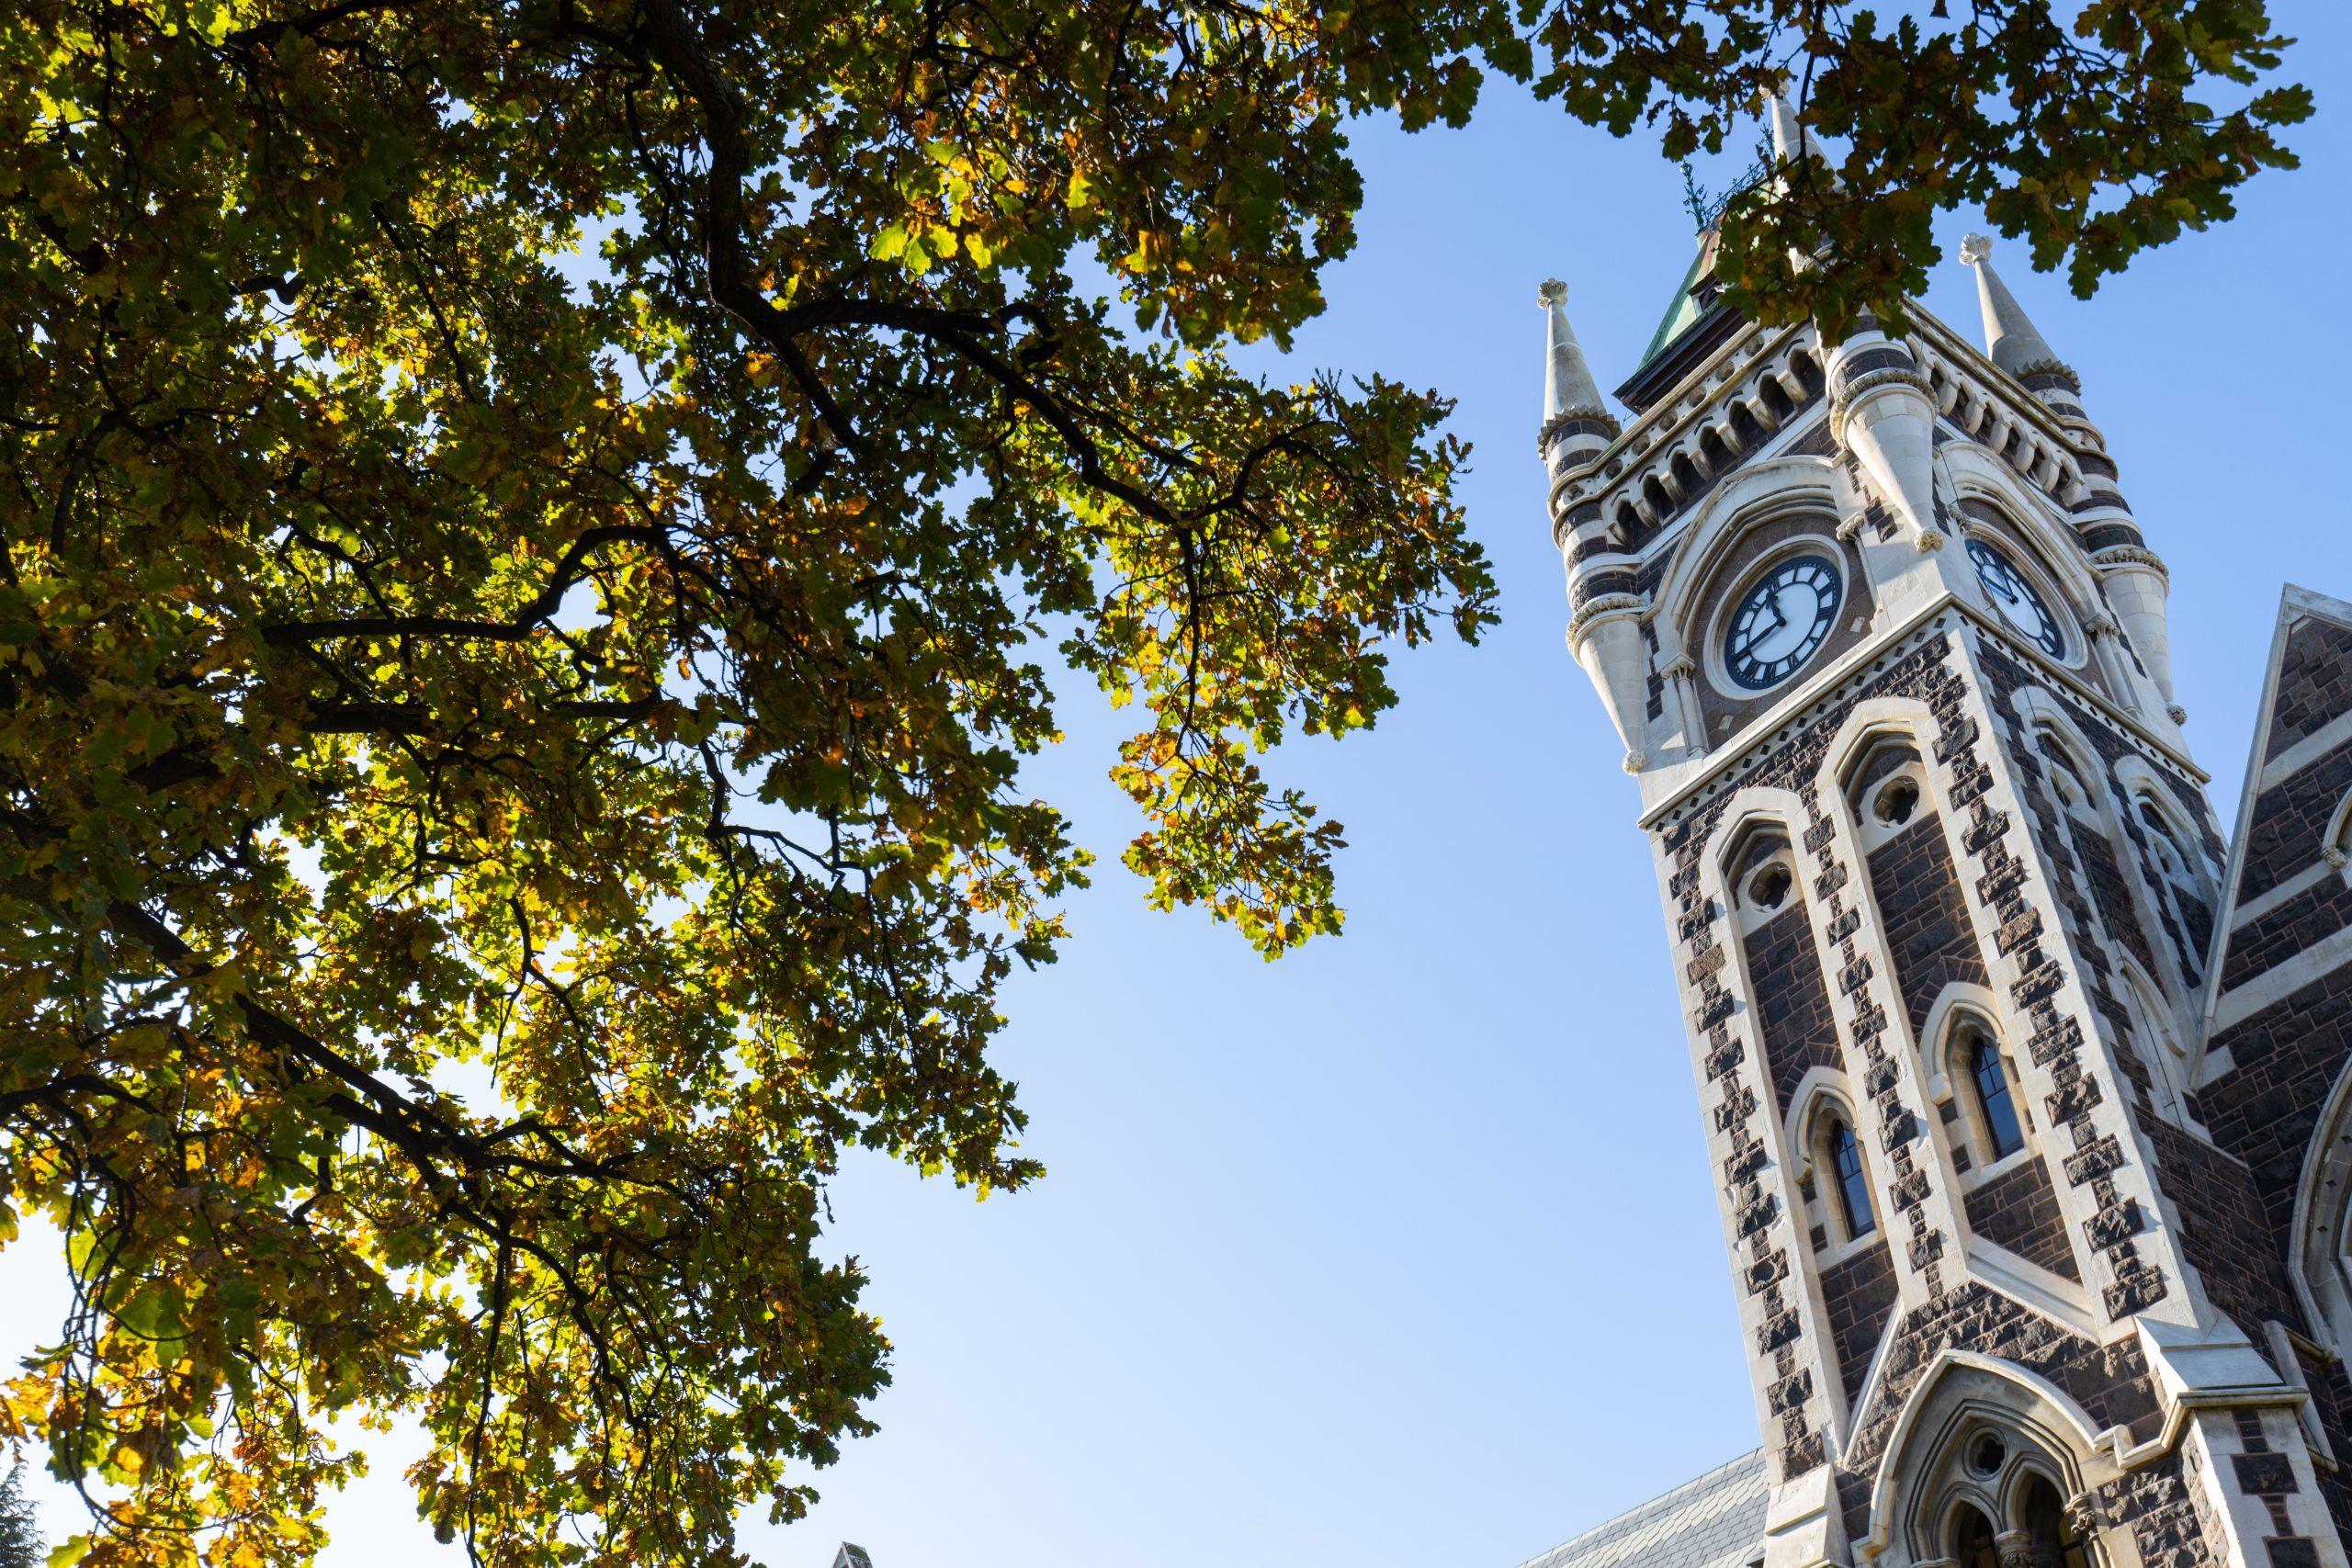 02 Otago Clocktower